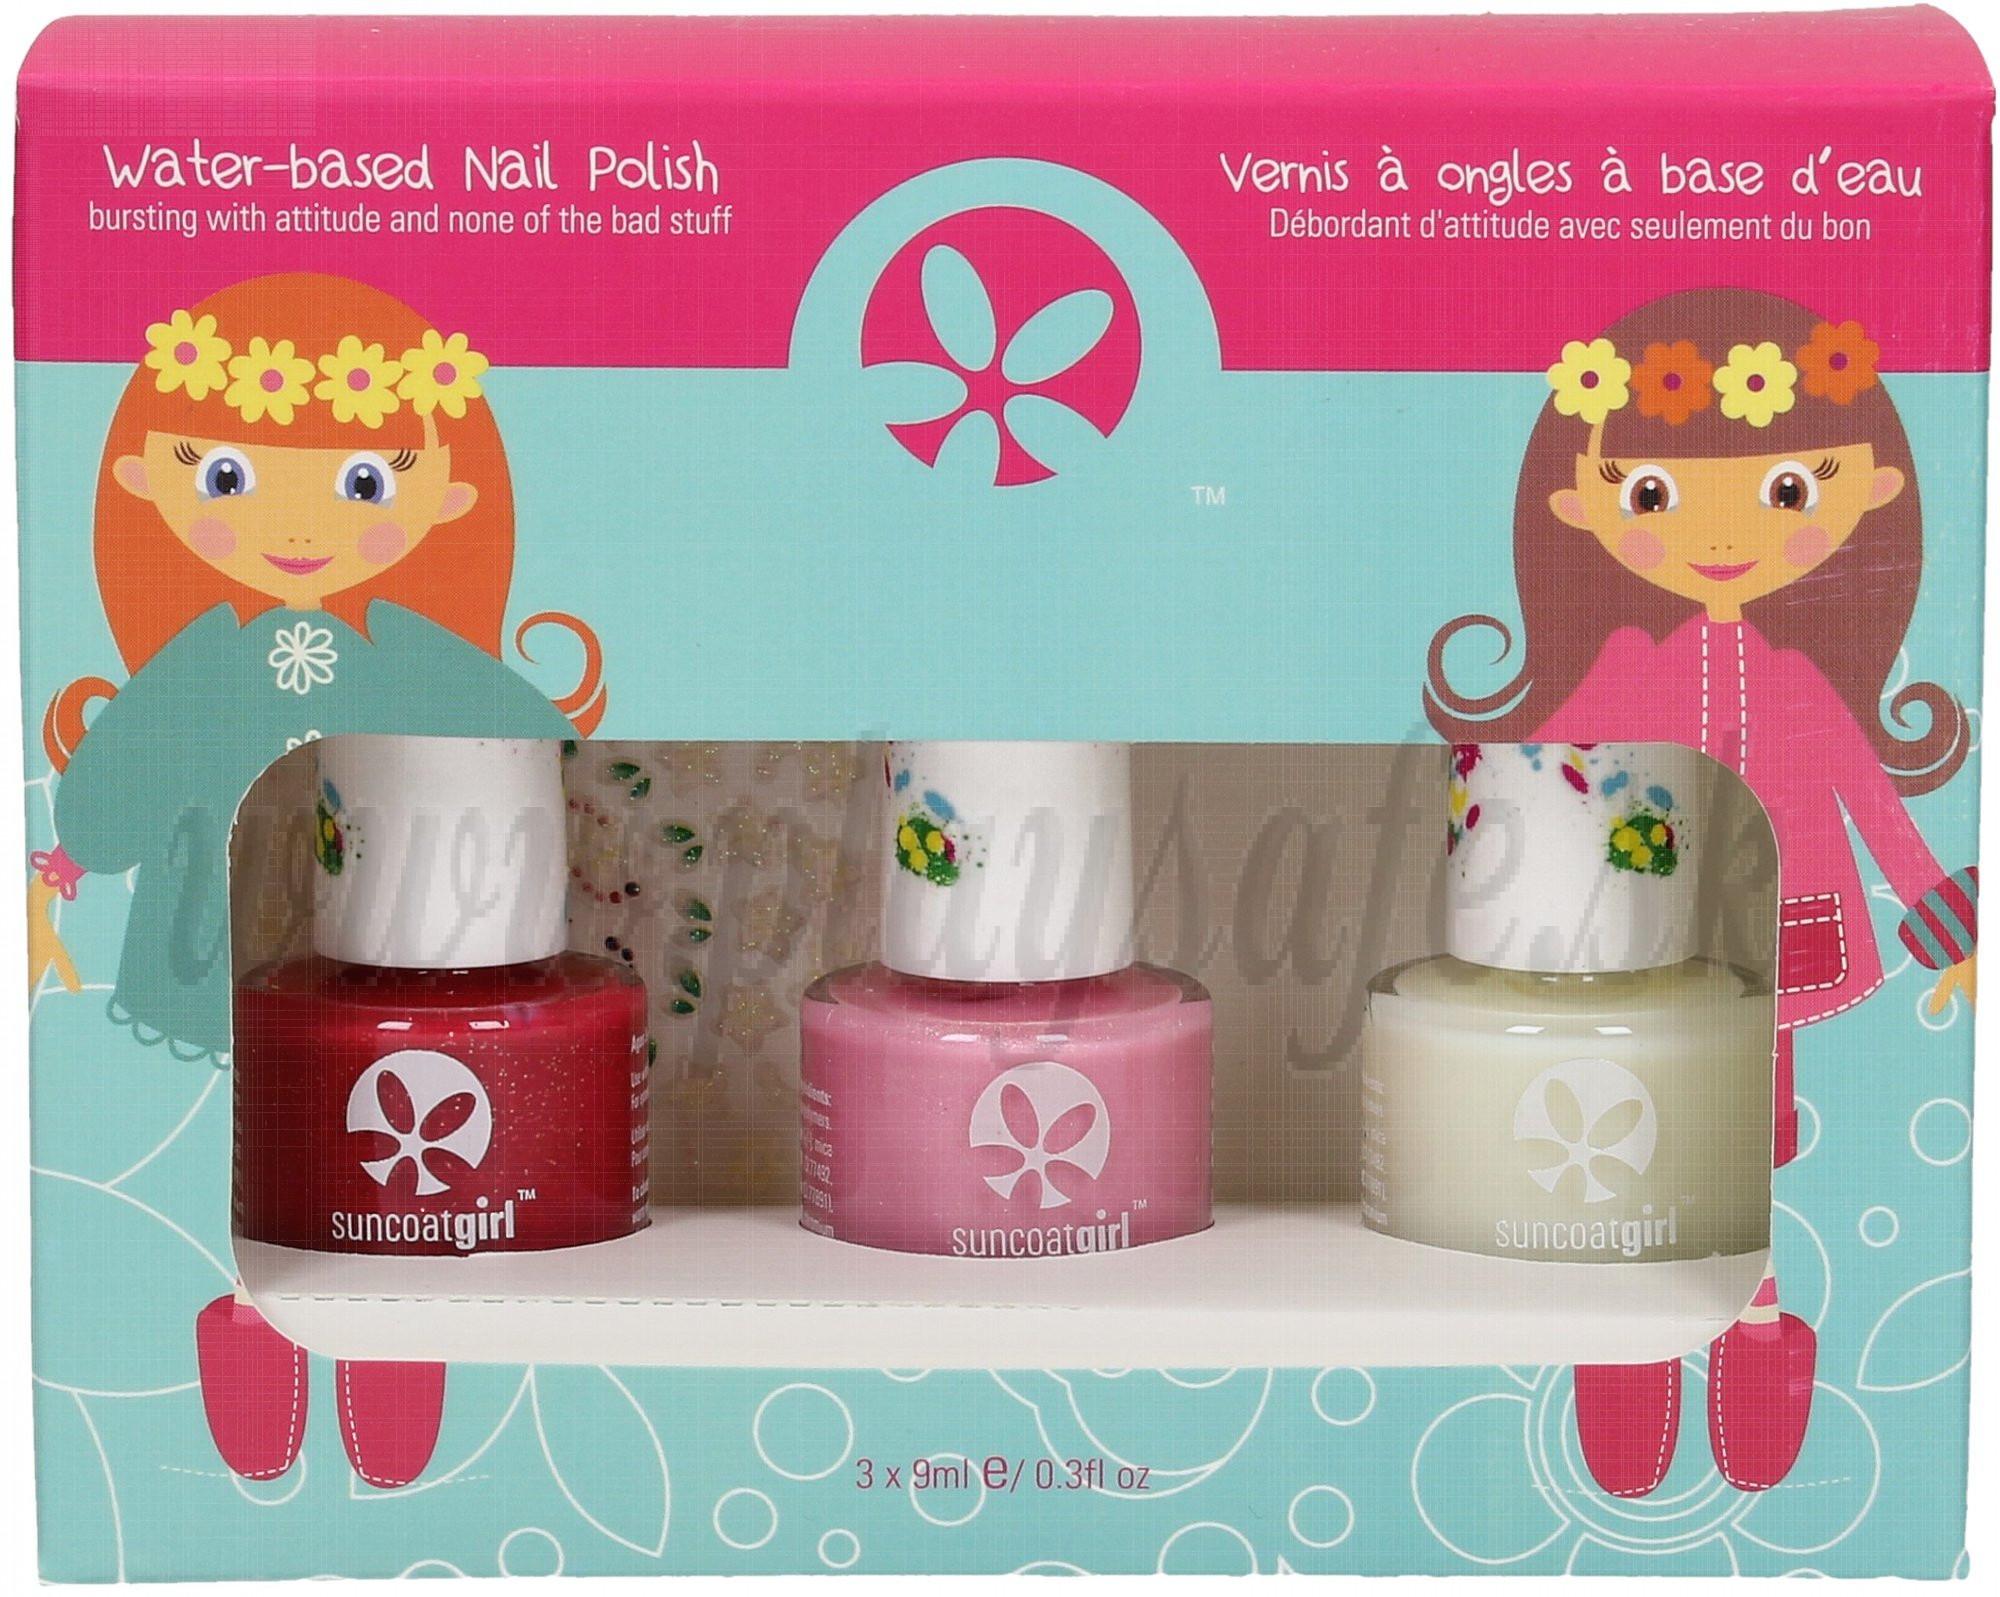 SuncoatGirl Trio Nail Beauty Kit Ballerina Beauty, 3x8ml